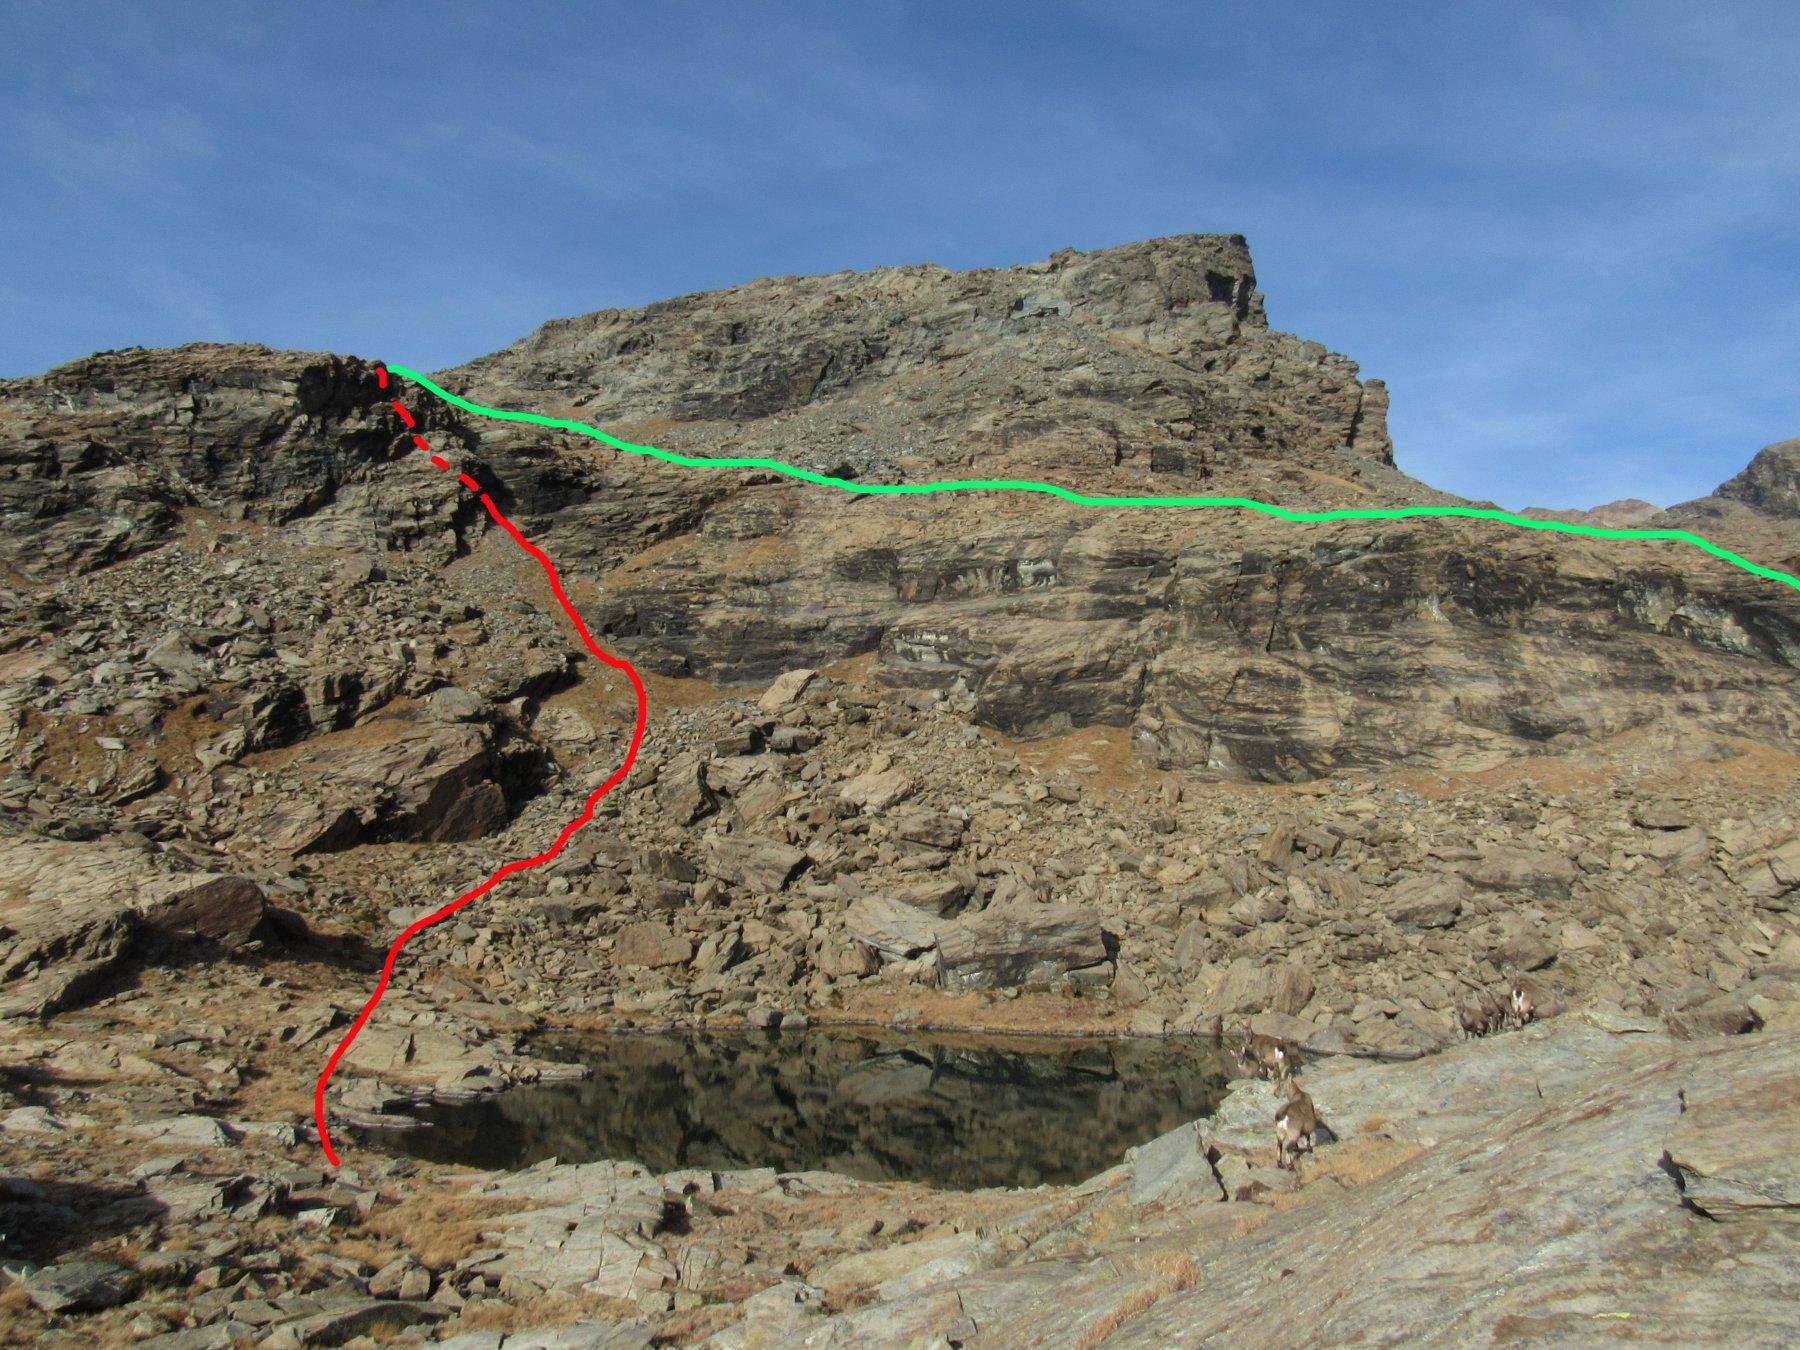 Percorsi di accesso al ripiano mediano dai laghi di Resy